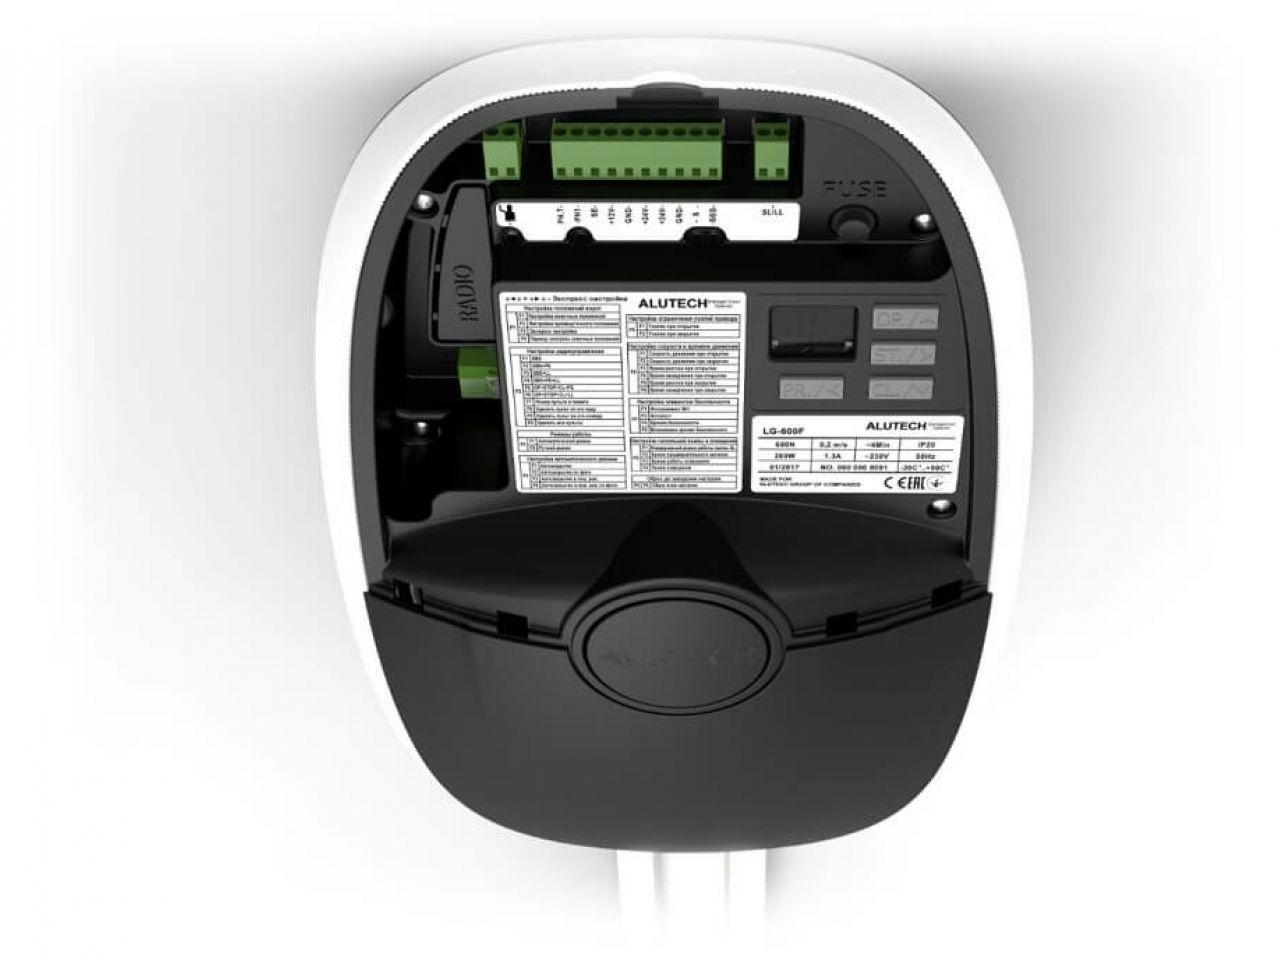 Комплект автоматики для гаражных ворот Alutech Levigato LG-800